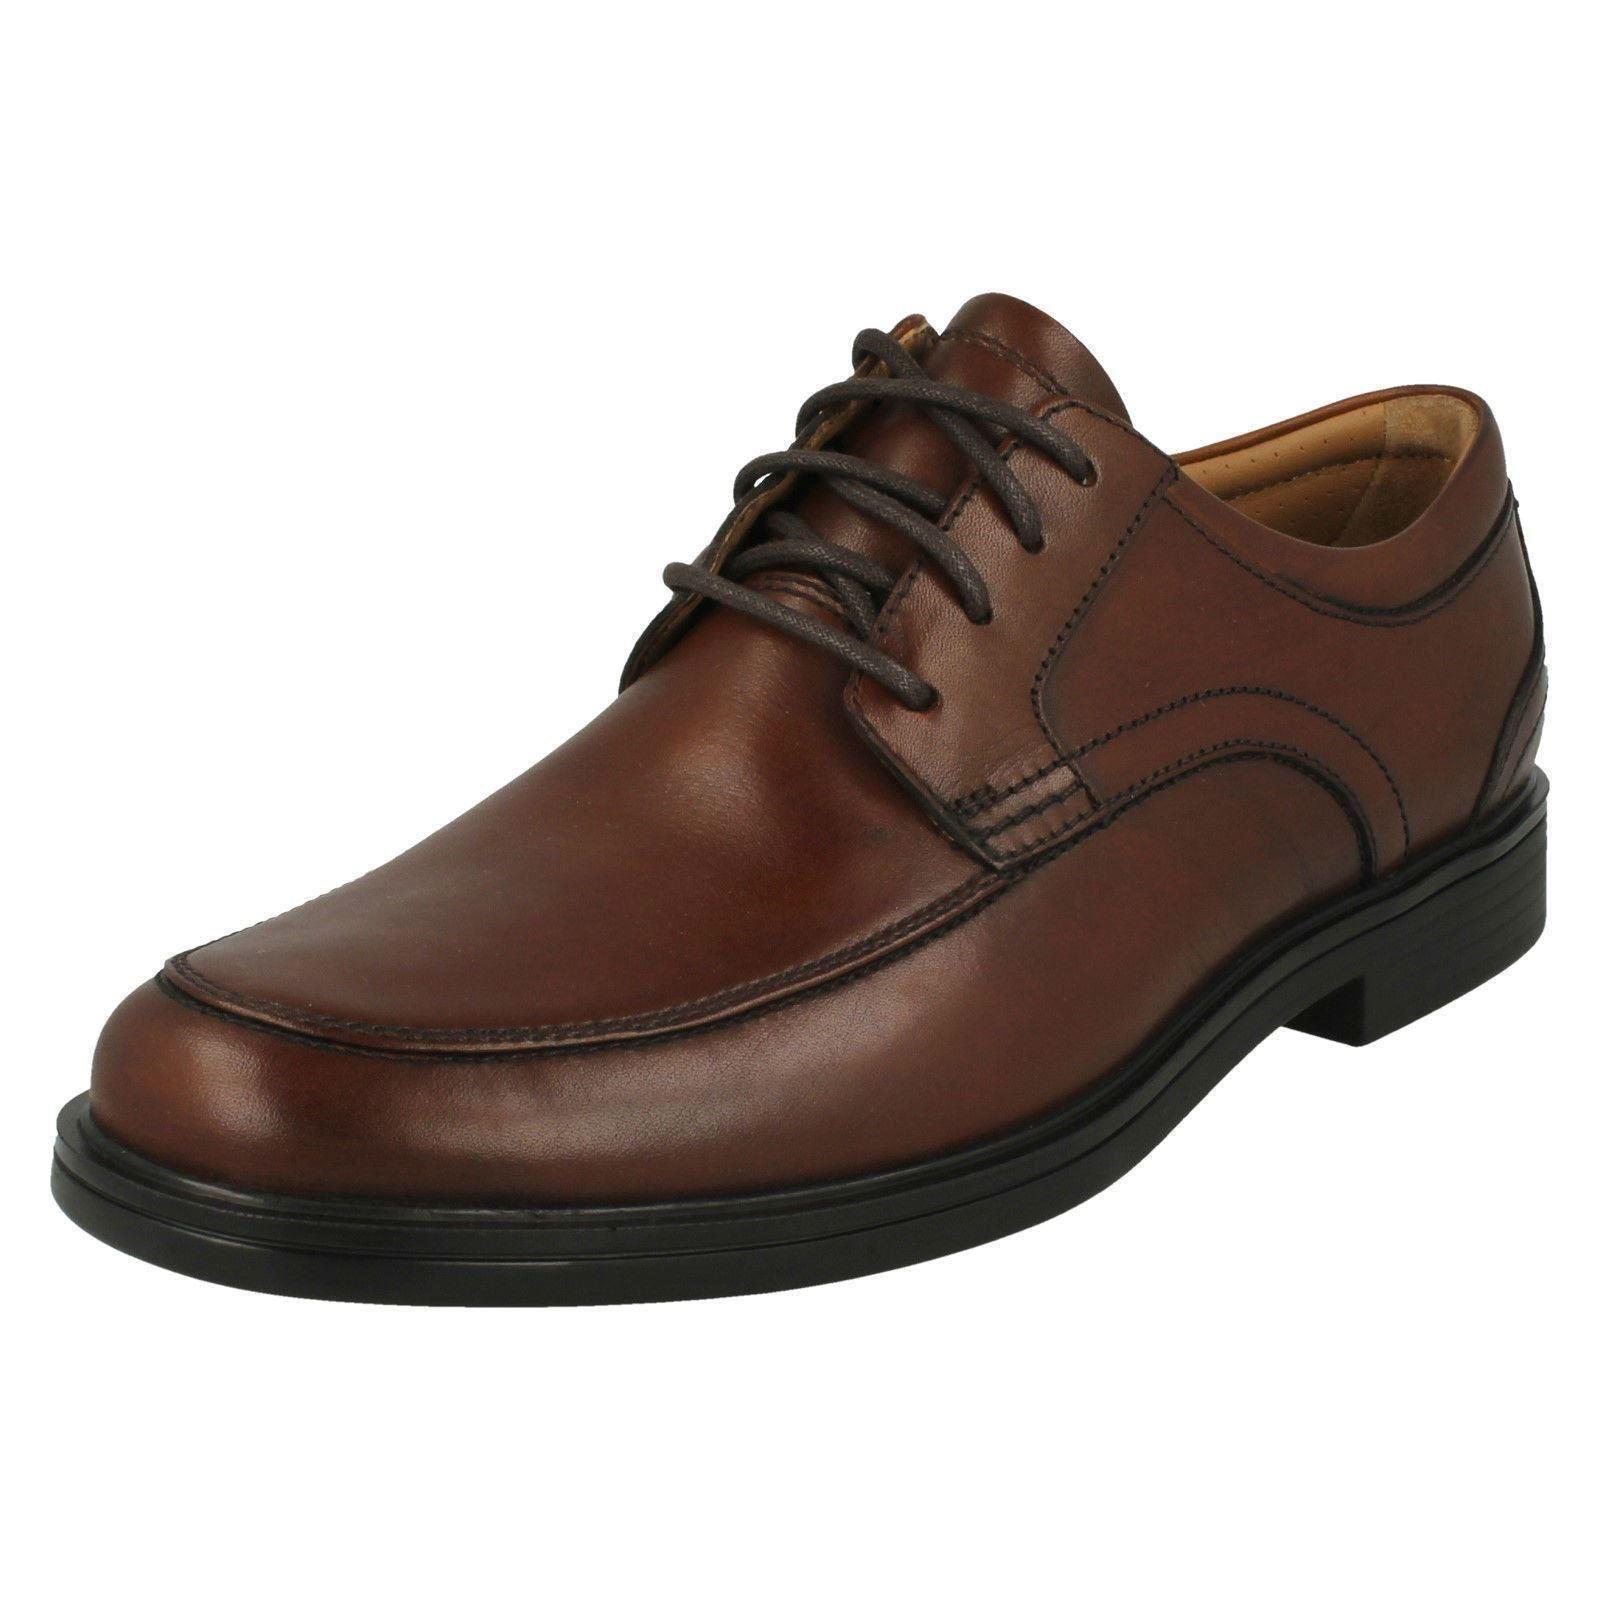 Zapatos marrones de invierno con cordones formales Clarks para mujer mRoaU4